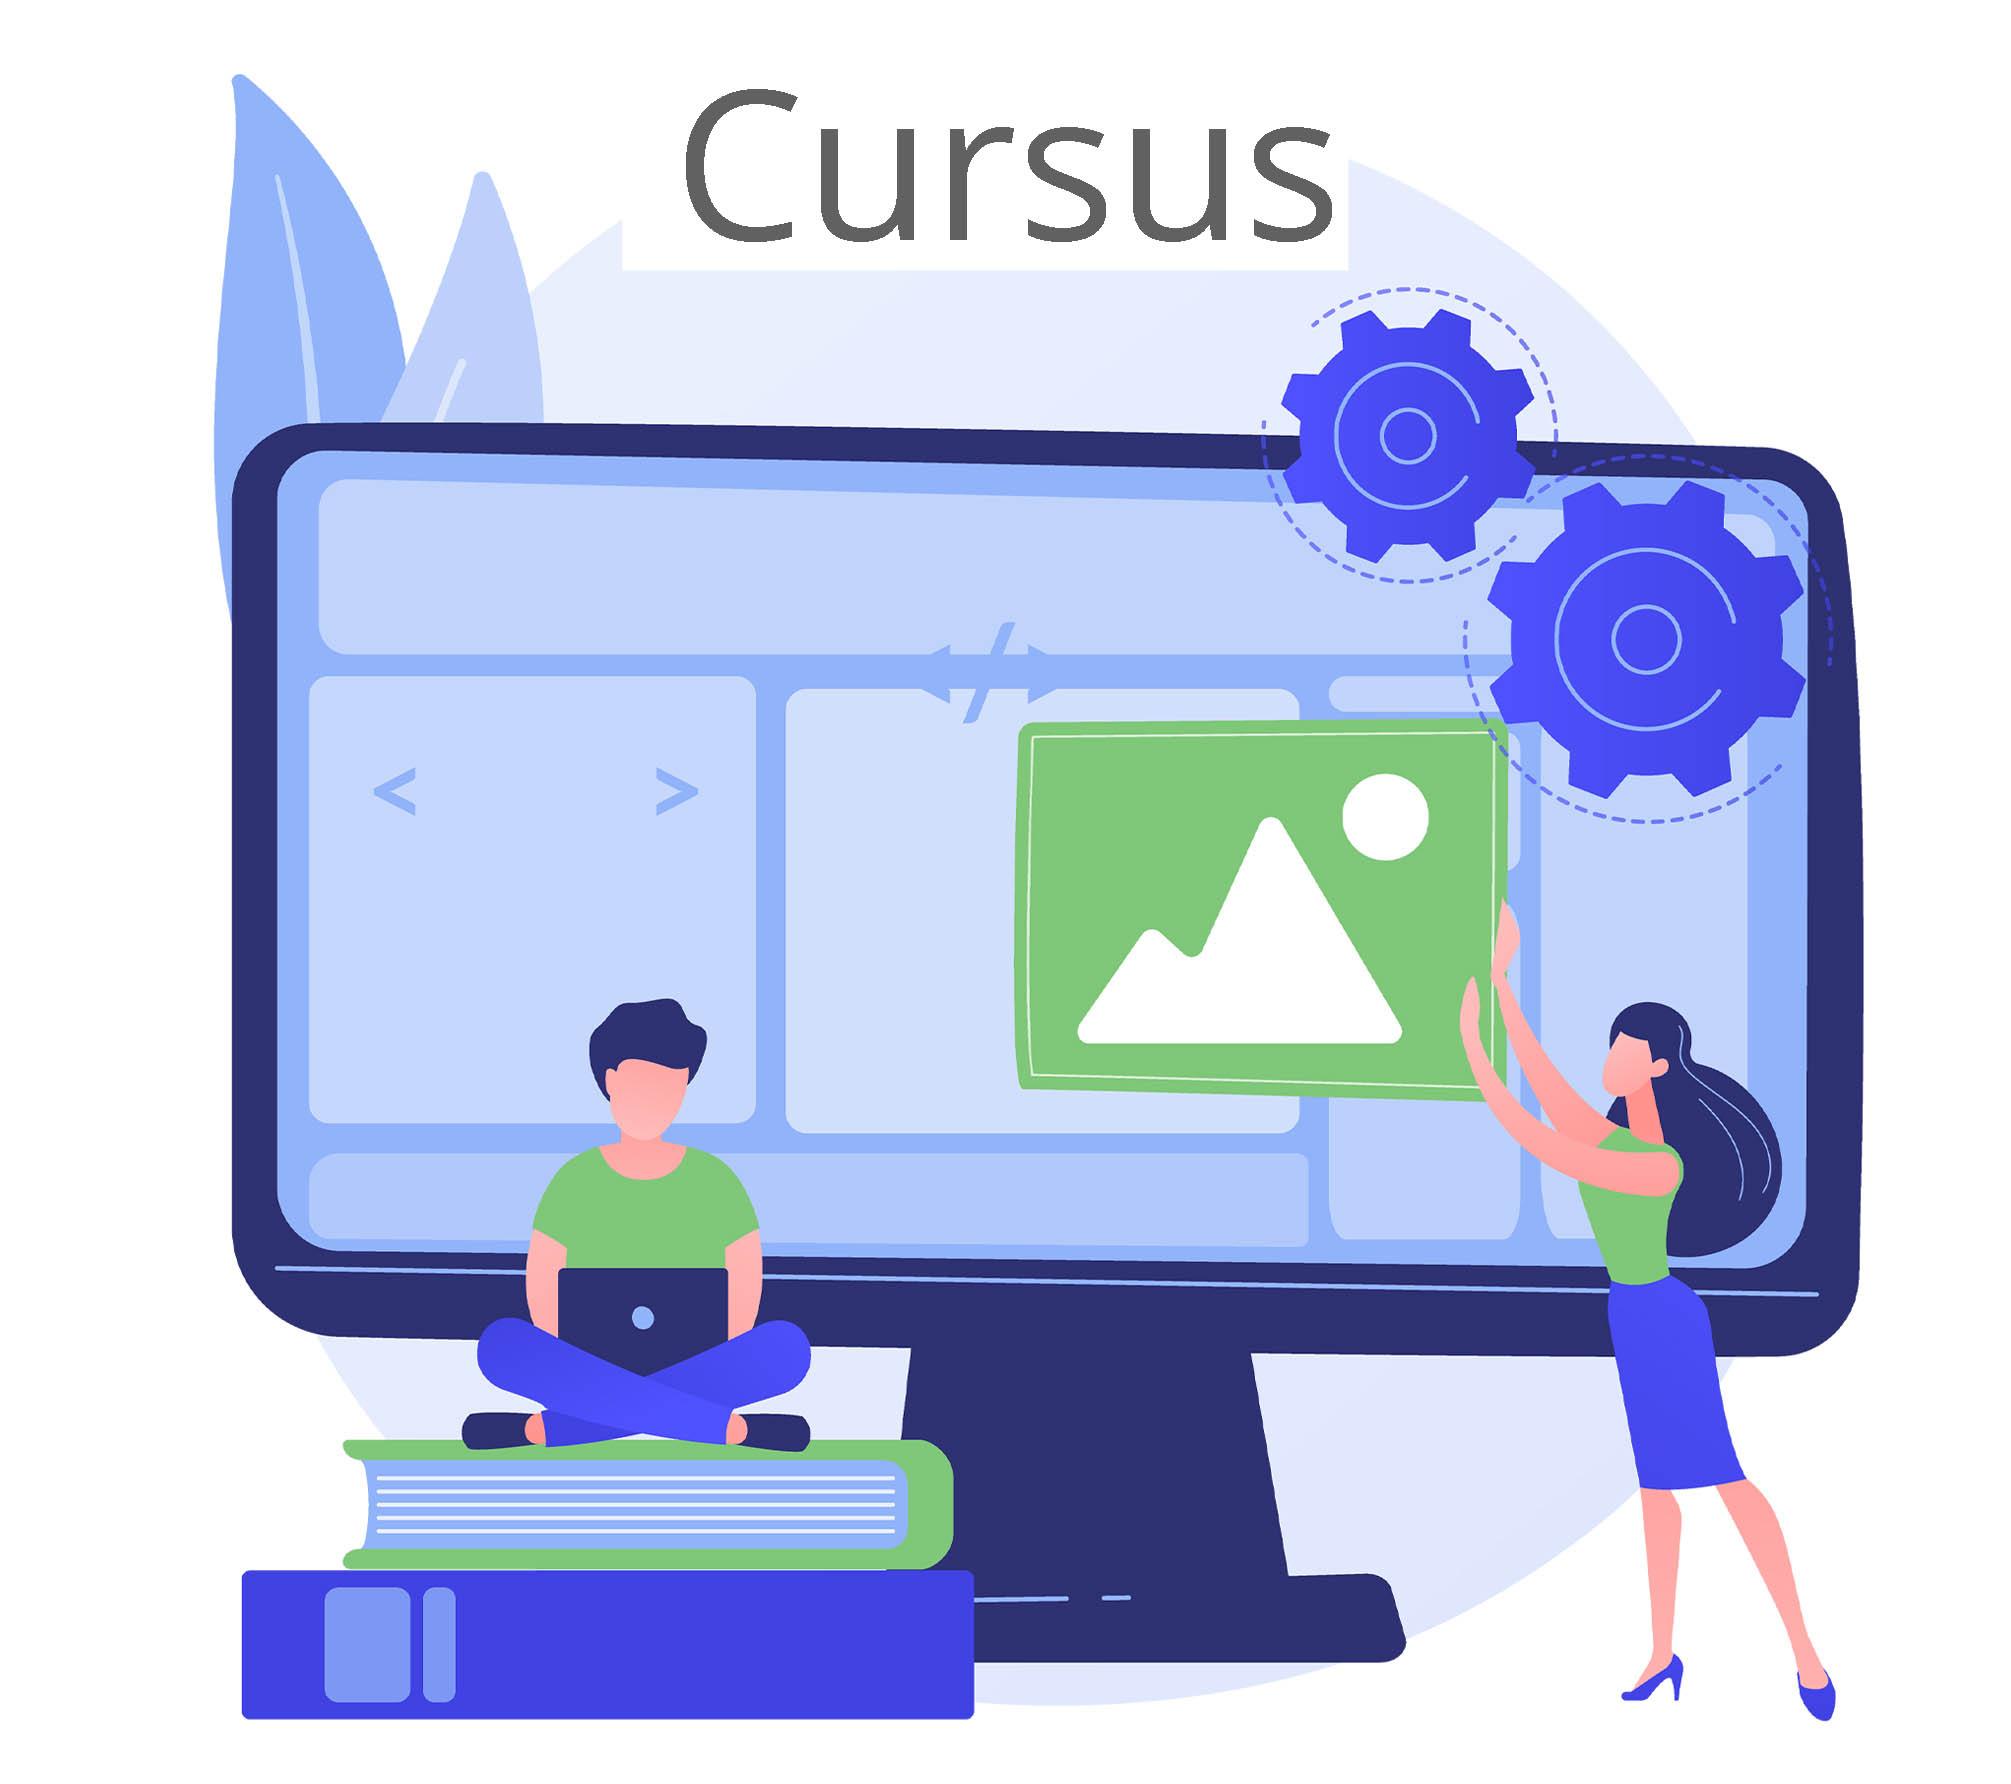 Nos Cursus